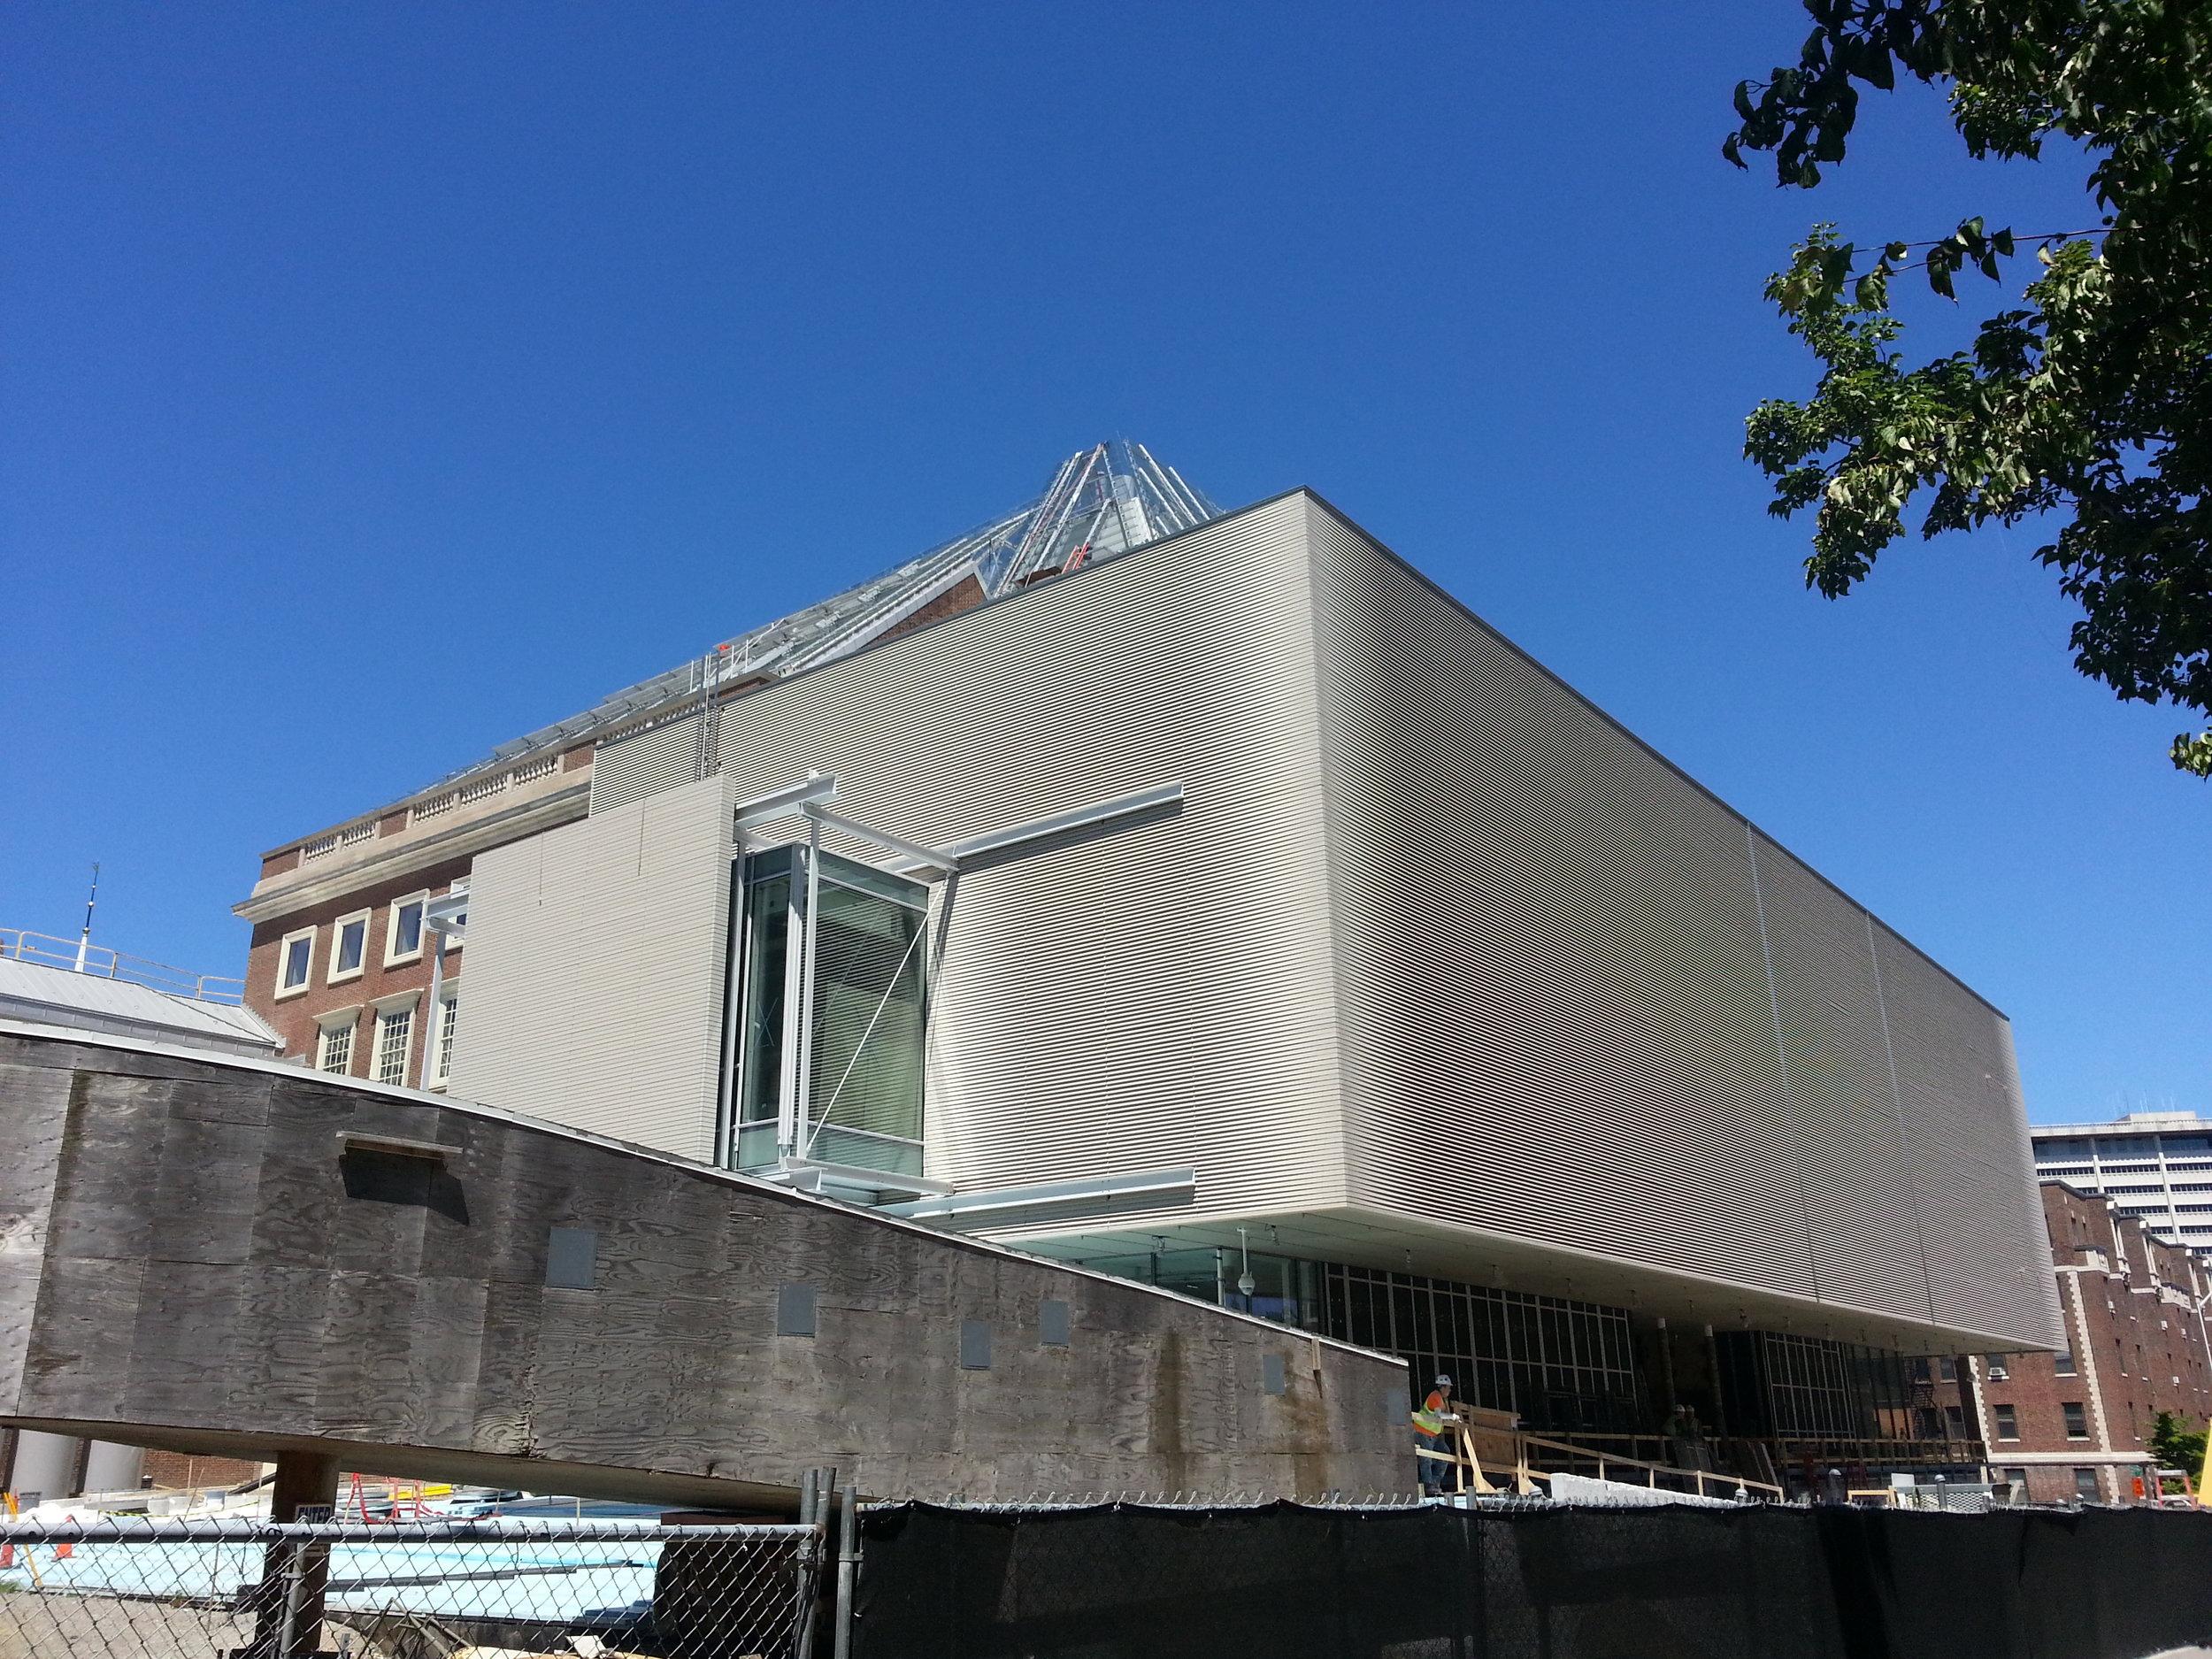 Fogg Museum - Renzo Piano.jpg